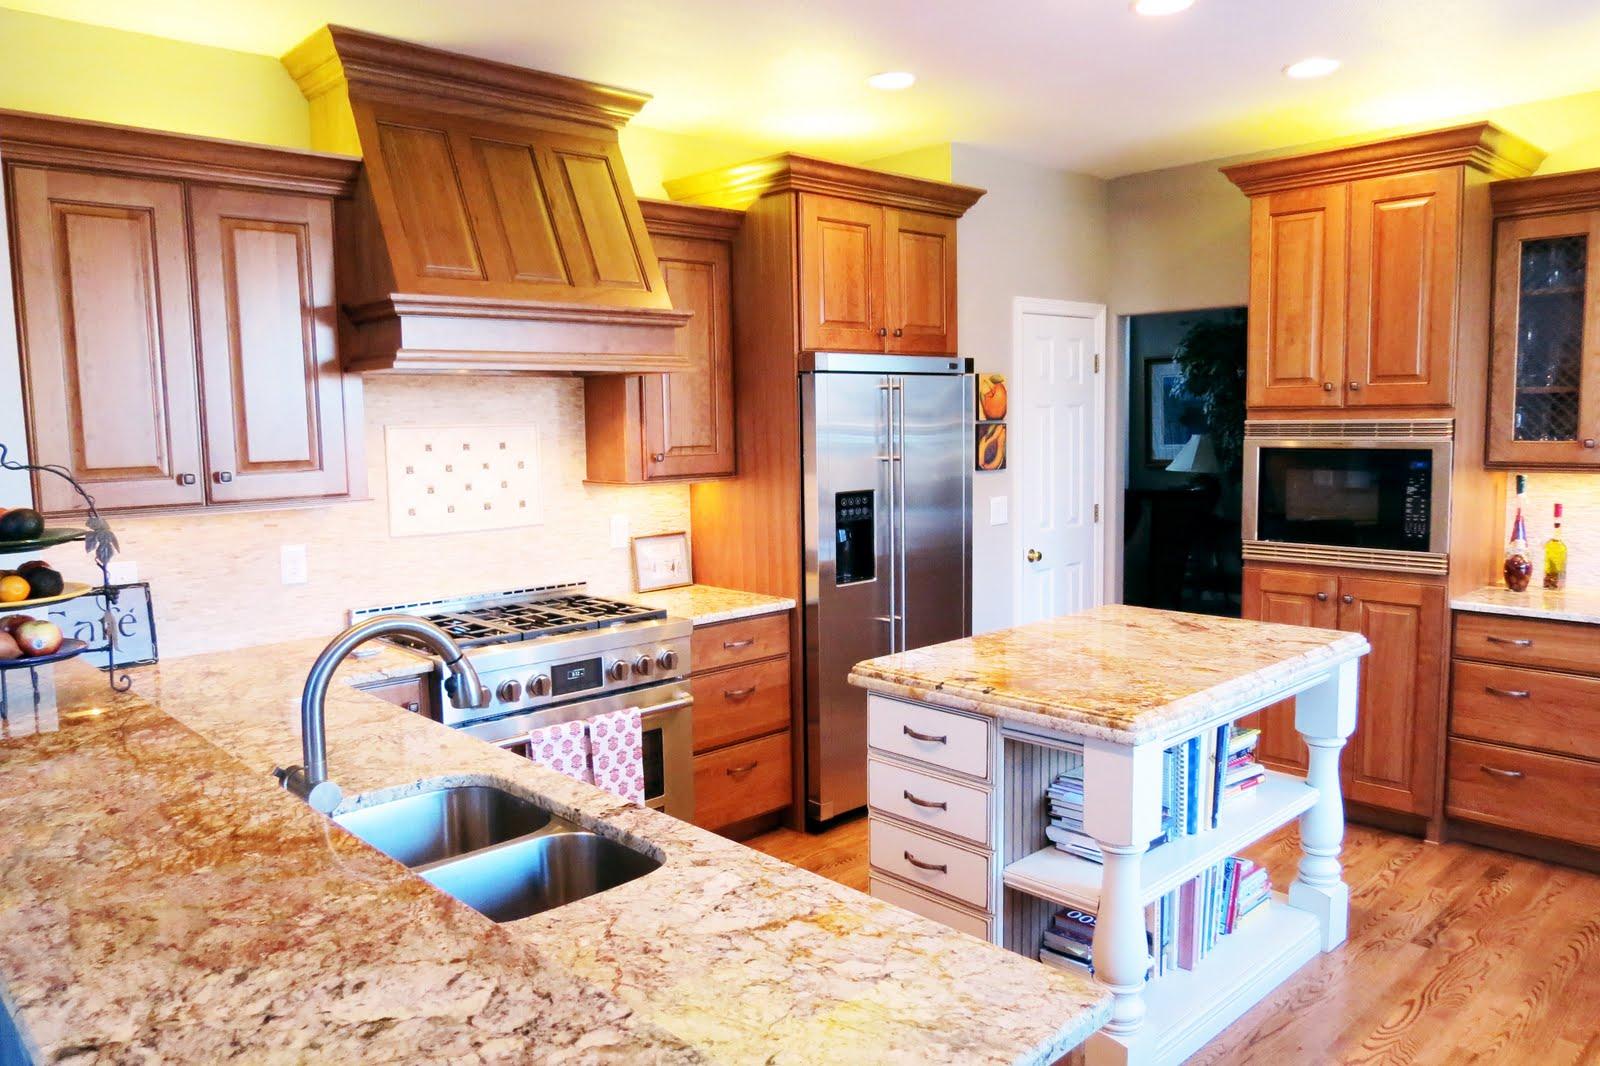 Dark Cherry Cabinets with Granite Countertops